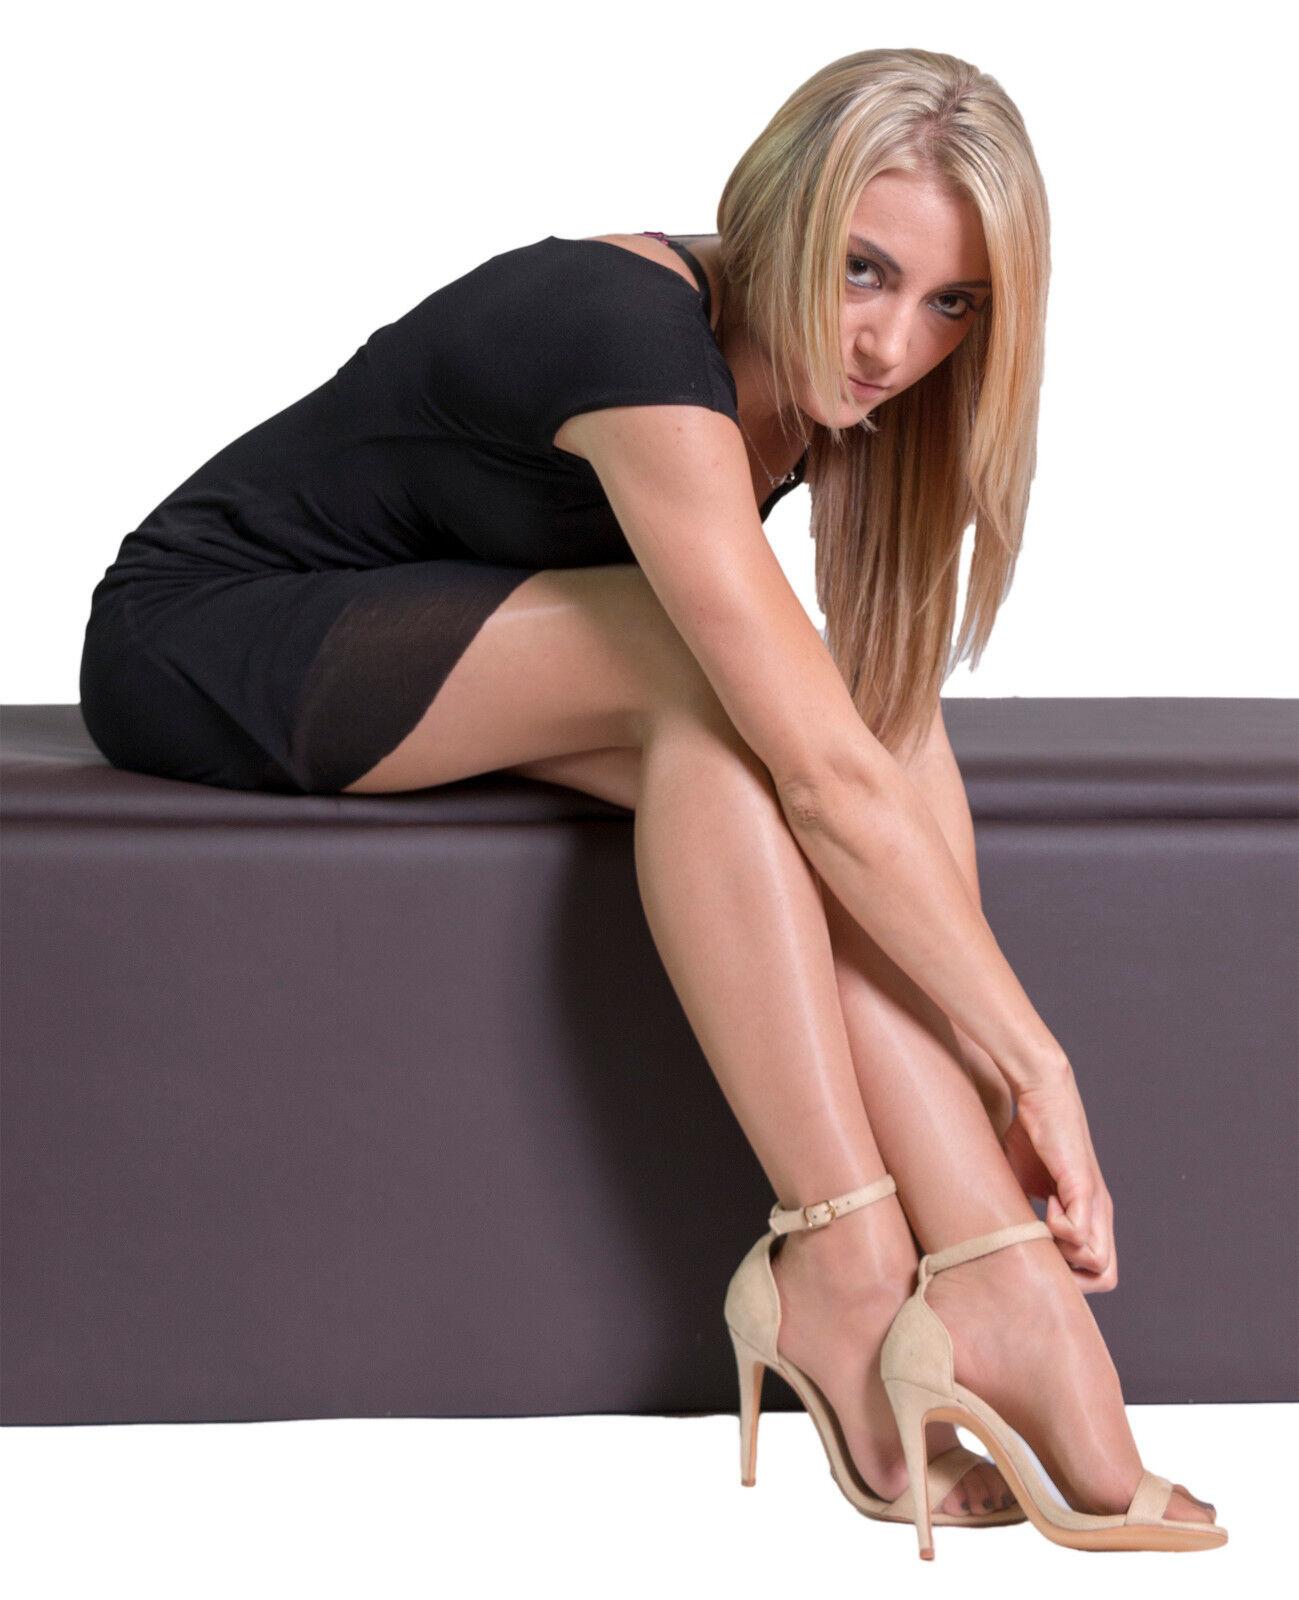 Adult gallery Cannibus girl erica stripper fwb fl